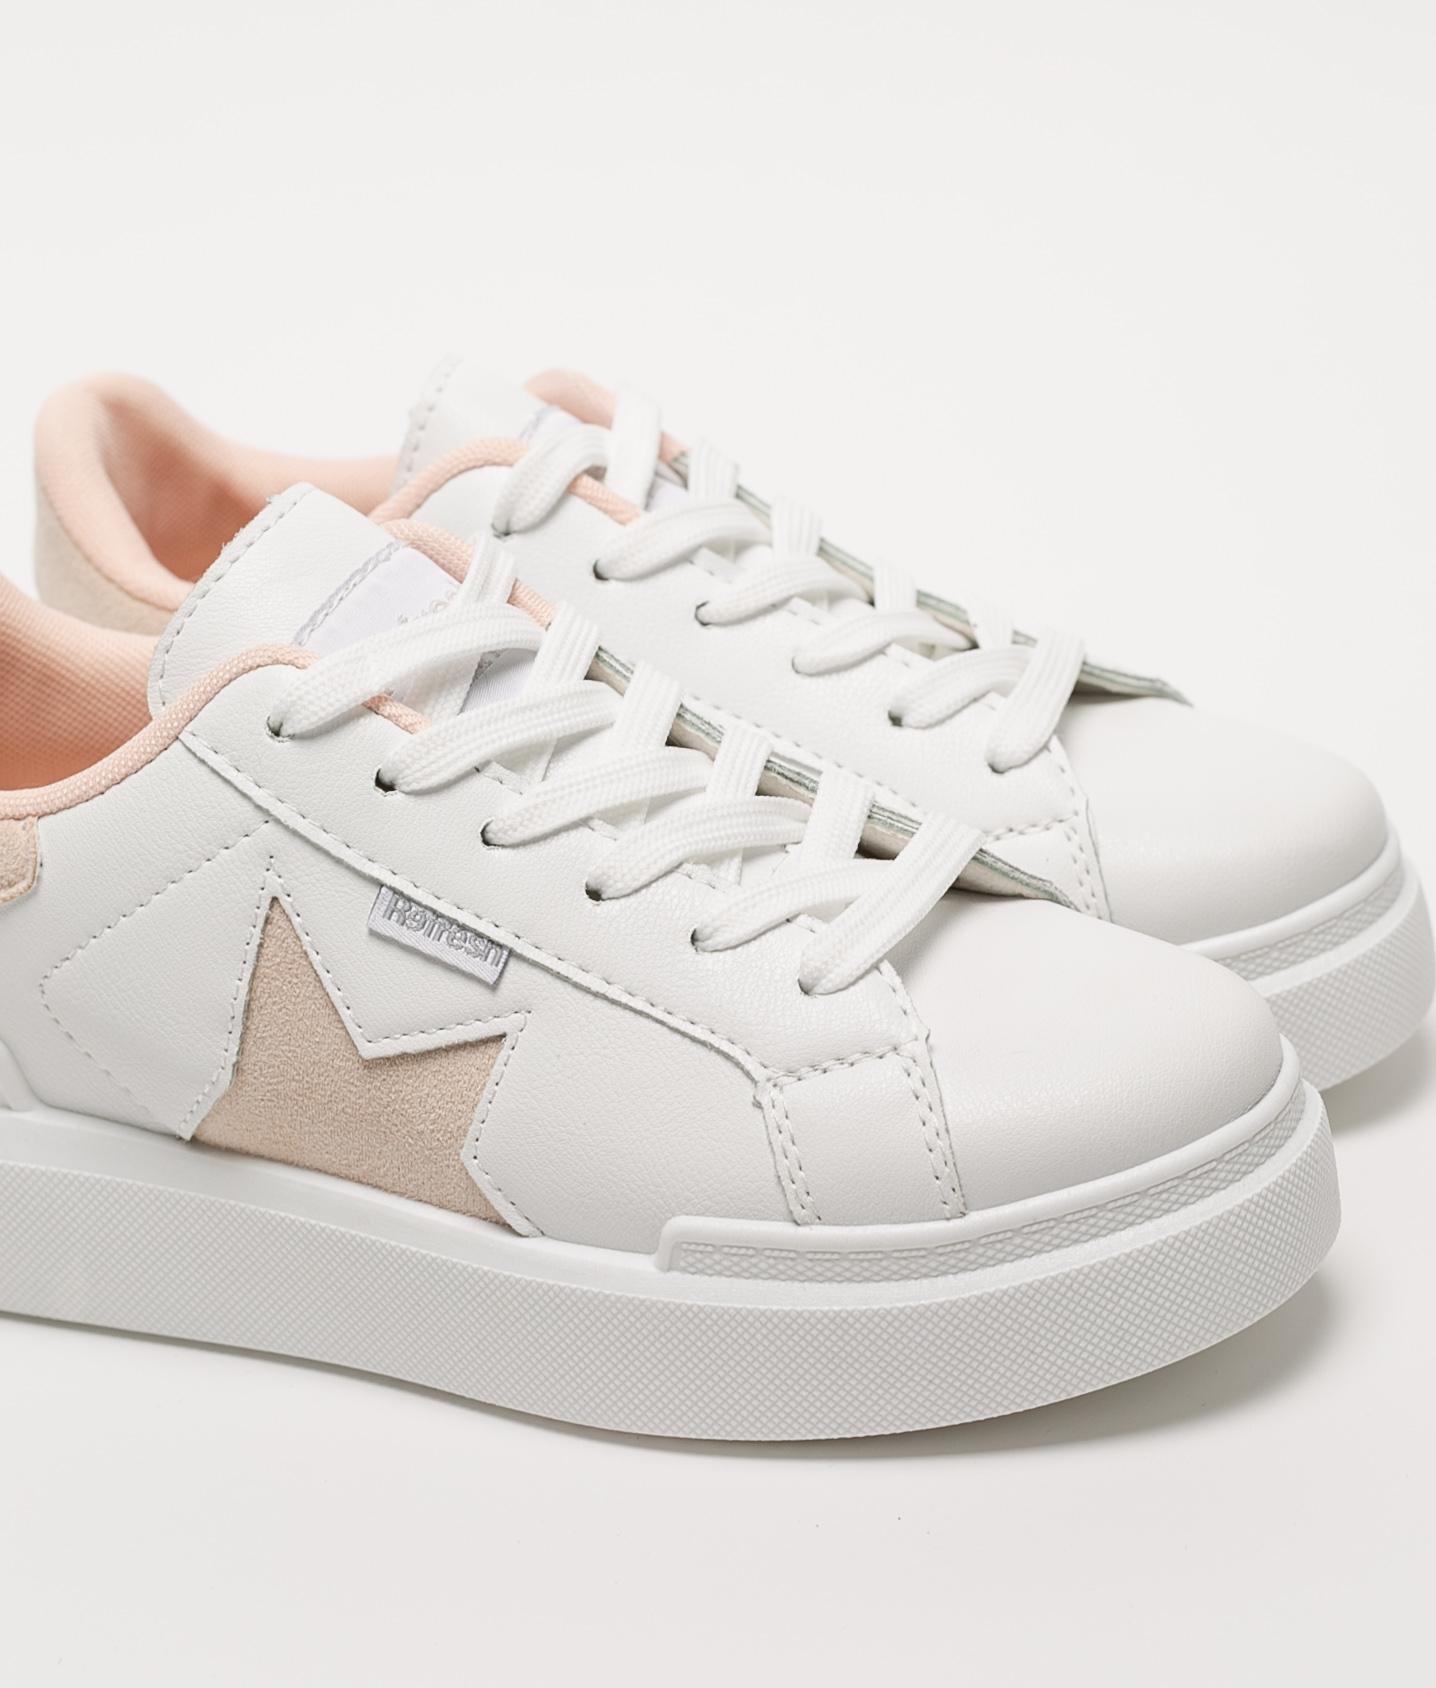 Sneakers Ganet - Nude